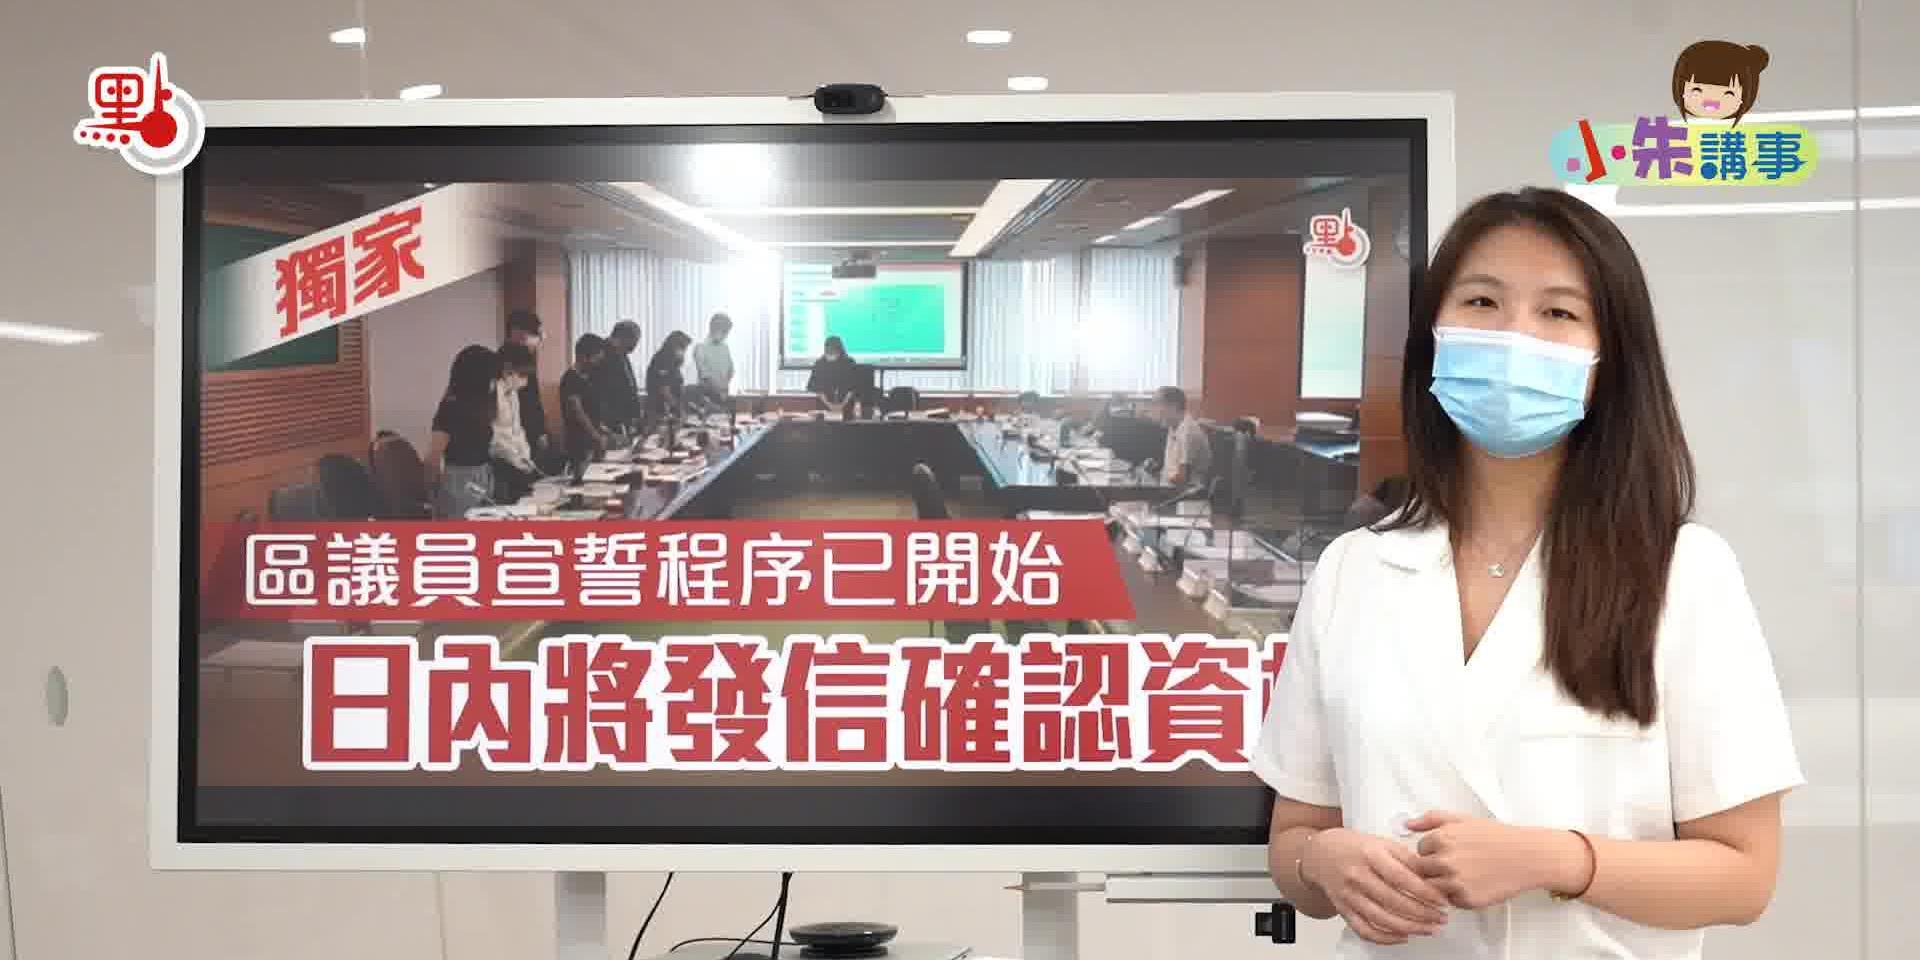 小朱講事   港大學生會不被港大承認 區議會宣誓日前開始出信通知